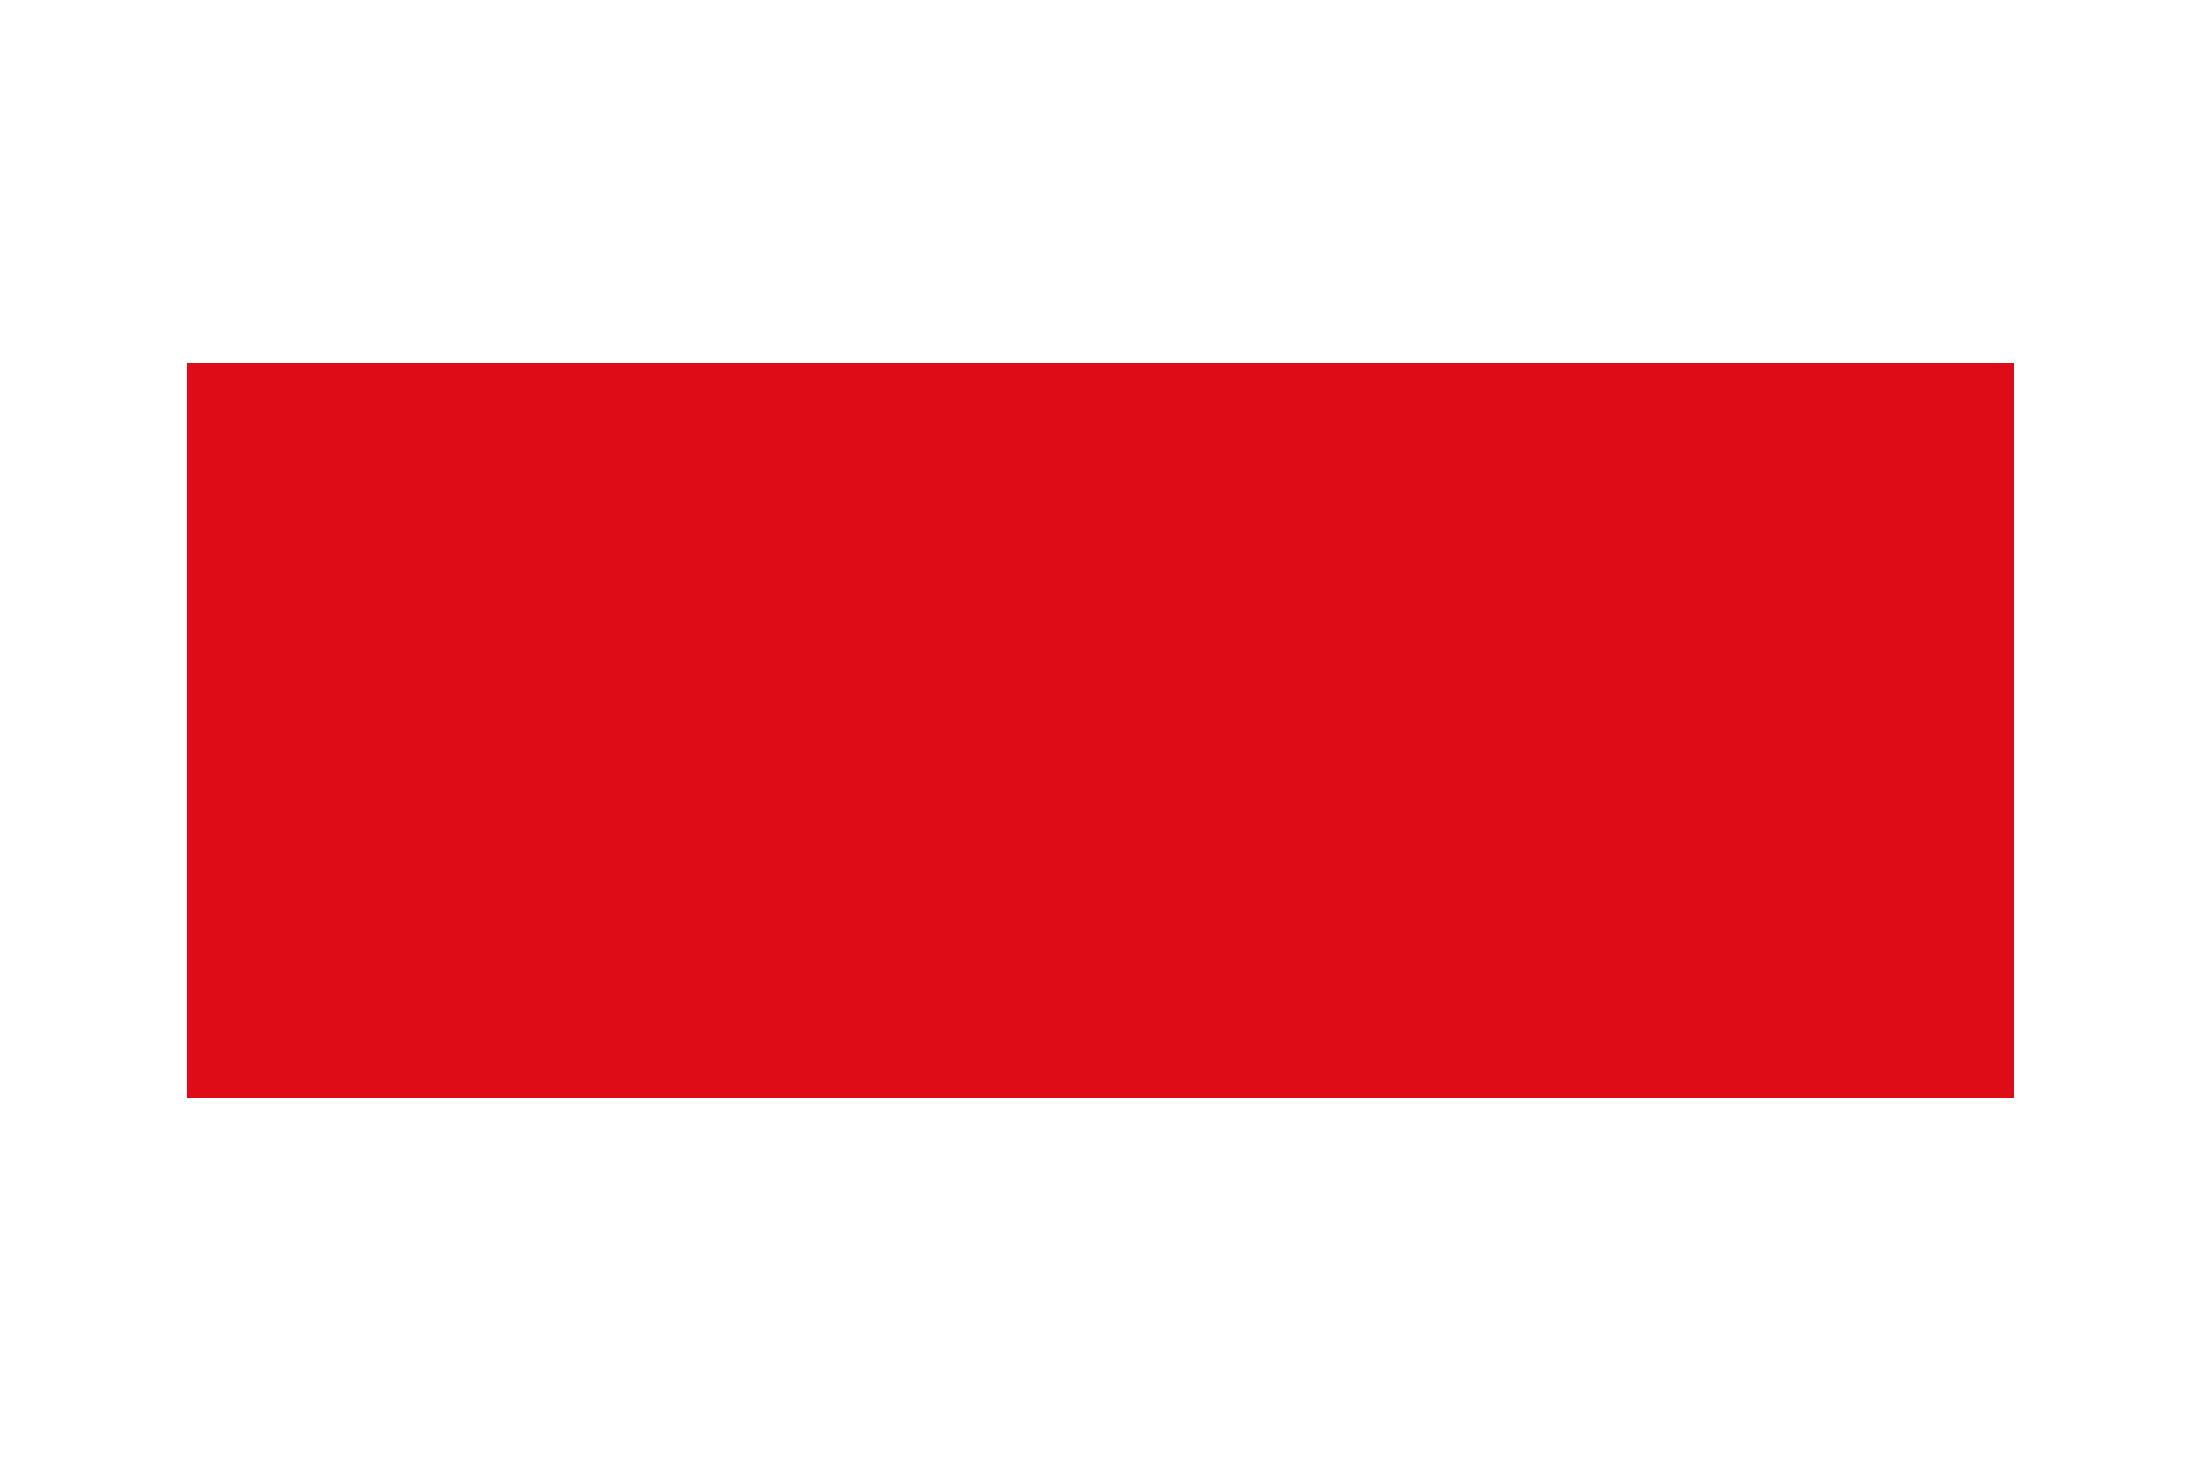 Grunge unique label PSD